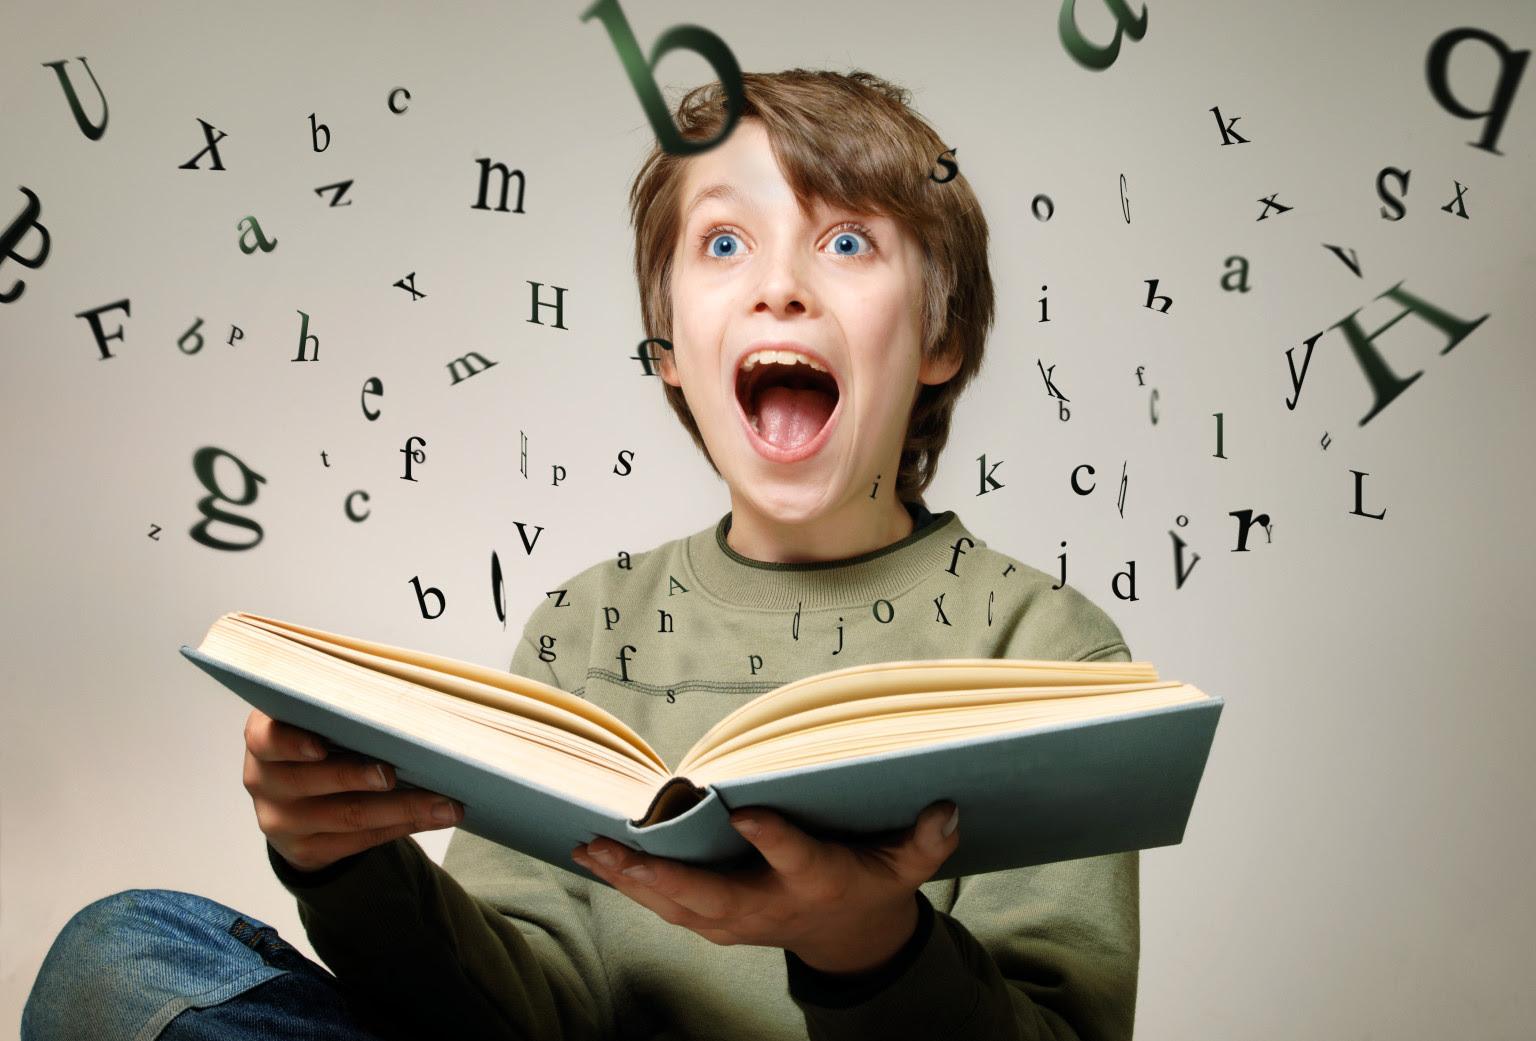 Αποτέλεσμα εικόνας για child reading